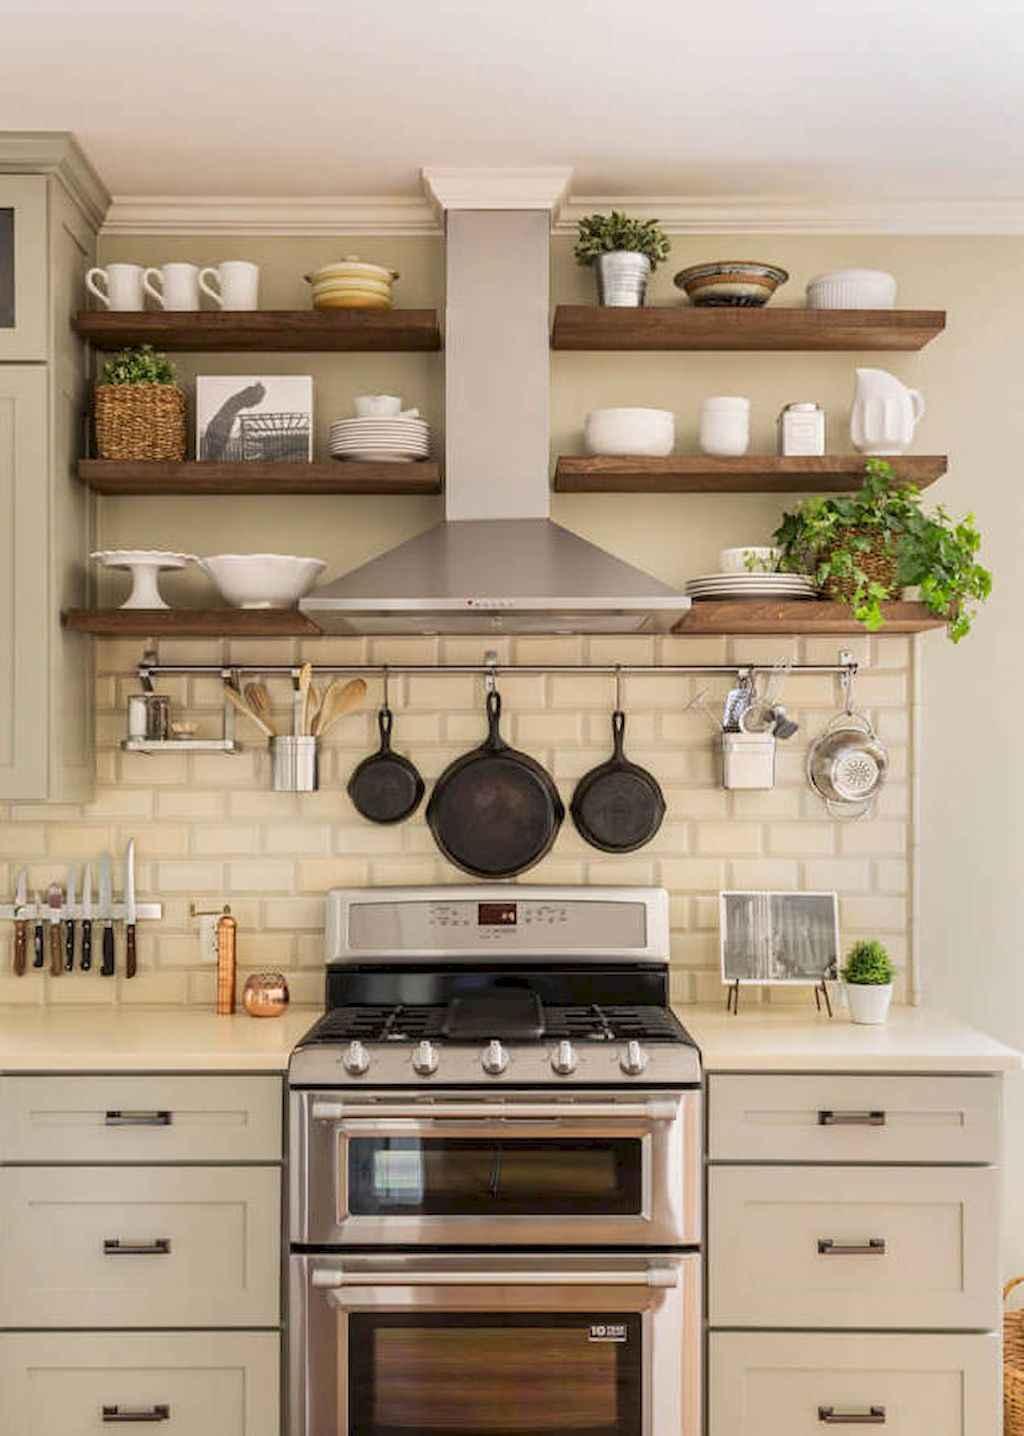 50 farmhouse kitchen decor ideas (43)